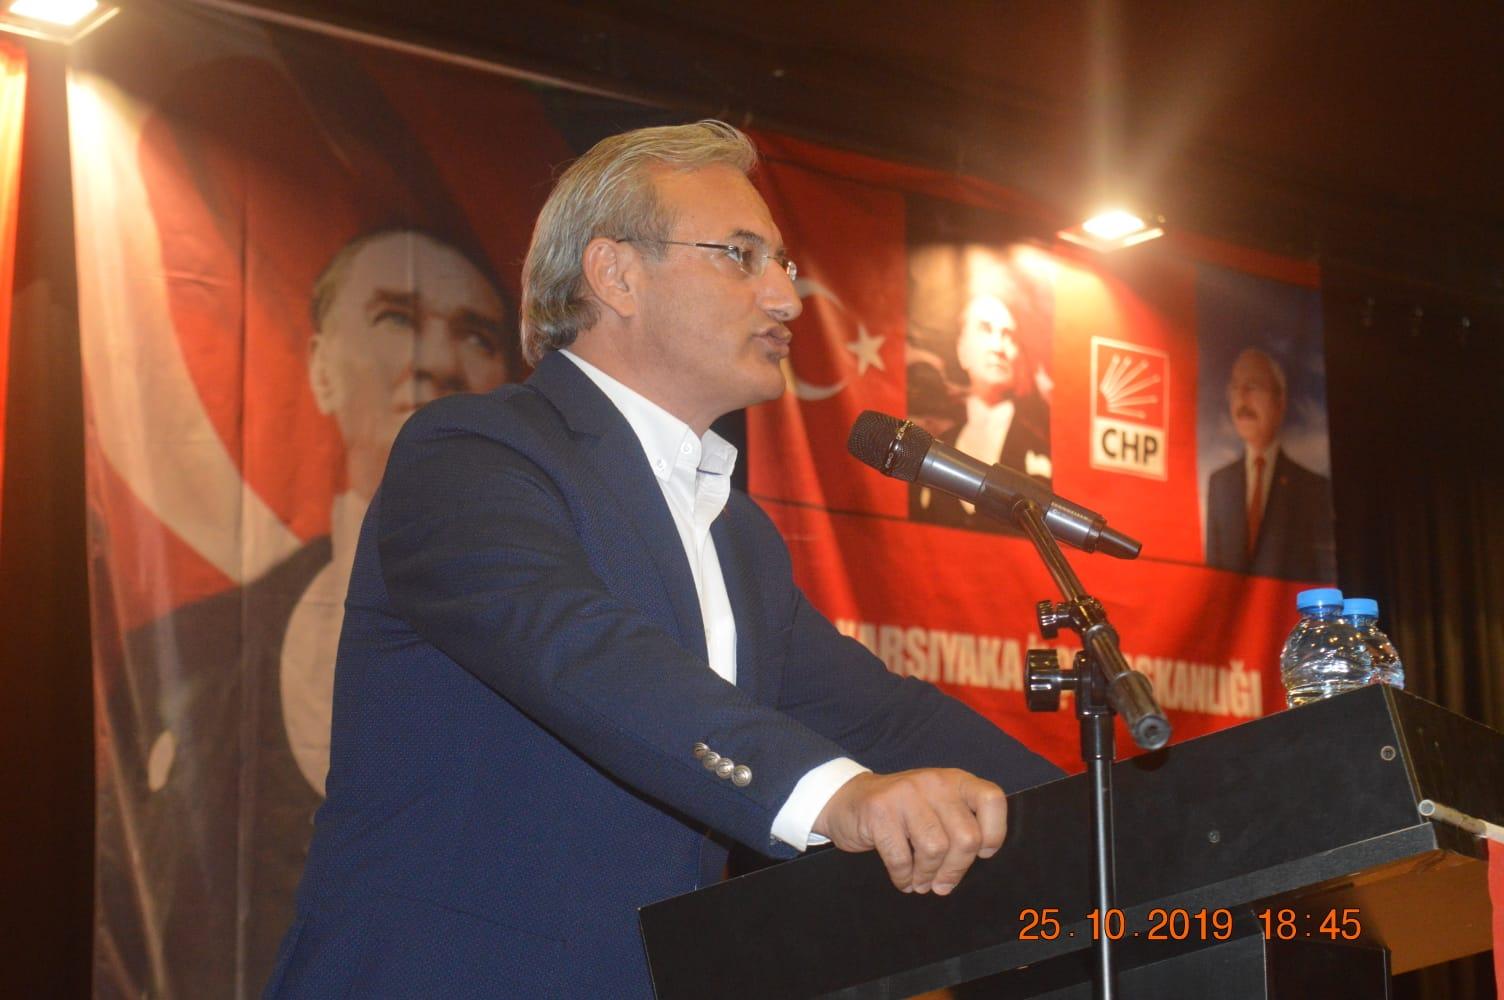 CHP Önceki Dönem Karşıyaka İlçe Başkanı Uğur Yıldırım'dan Yeni Açıklama